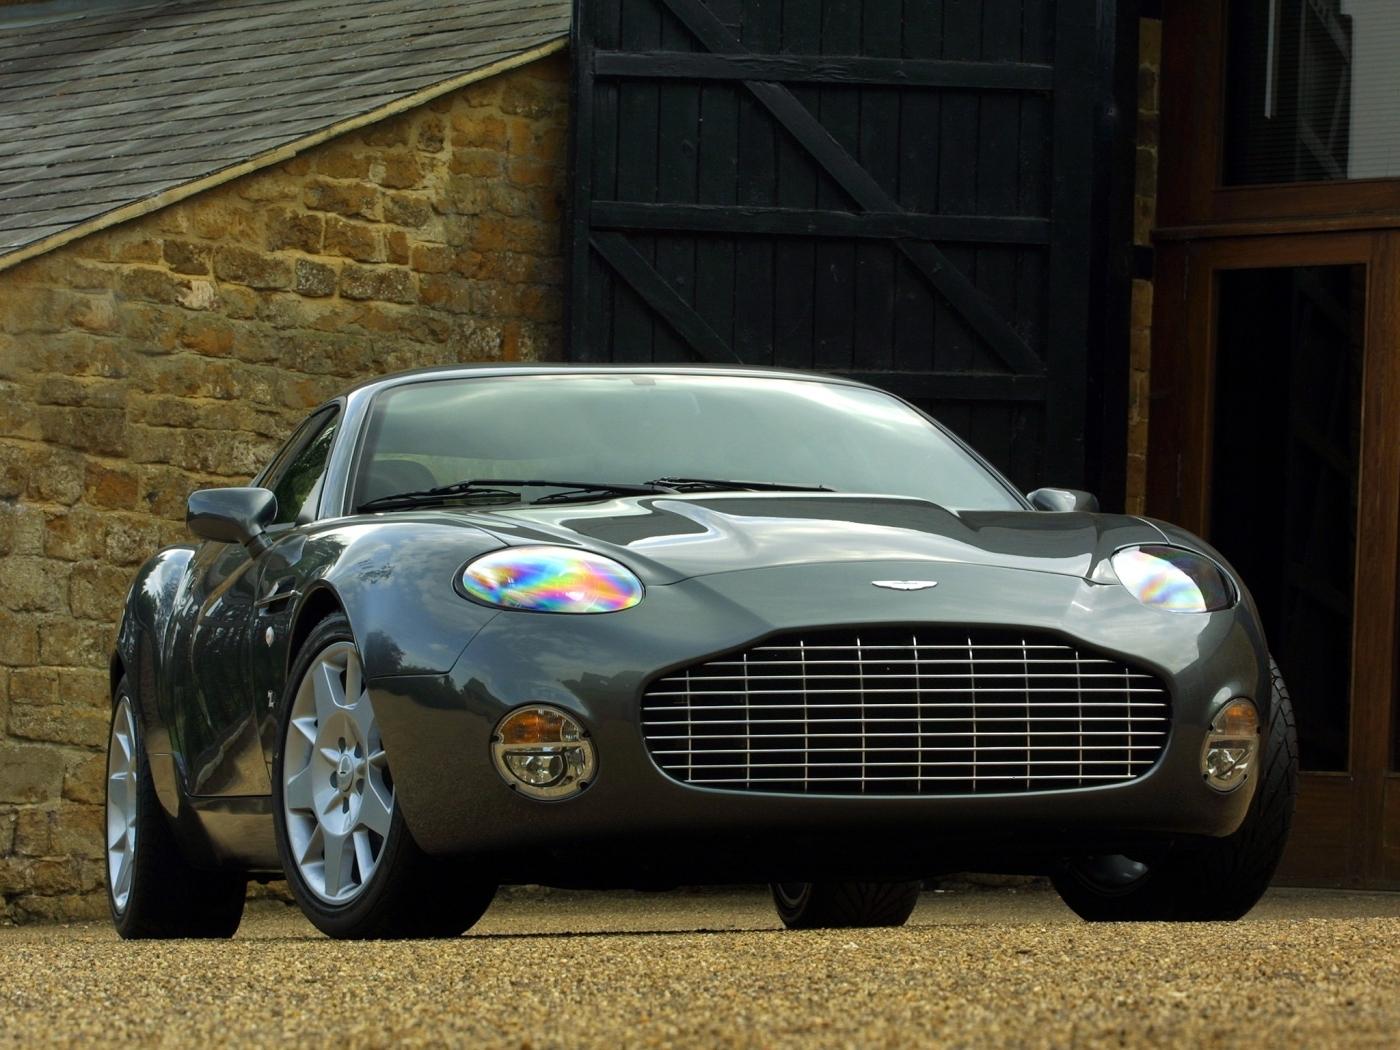 41139 скачать обои Транспорт, Машины, Астон Мартин (Aston Martin) - заставки и картинки бесплатно